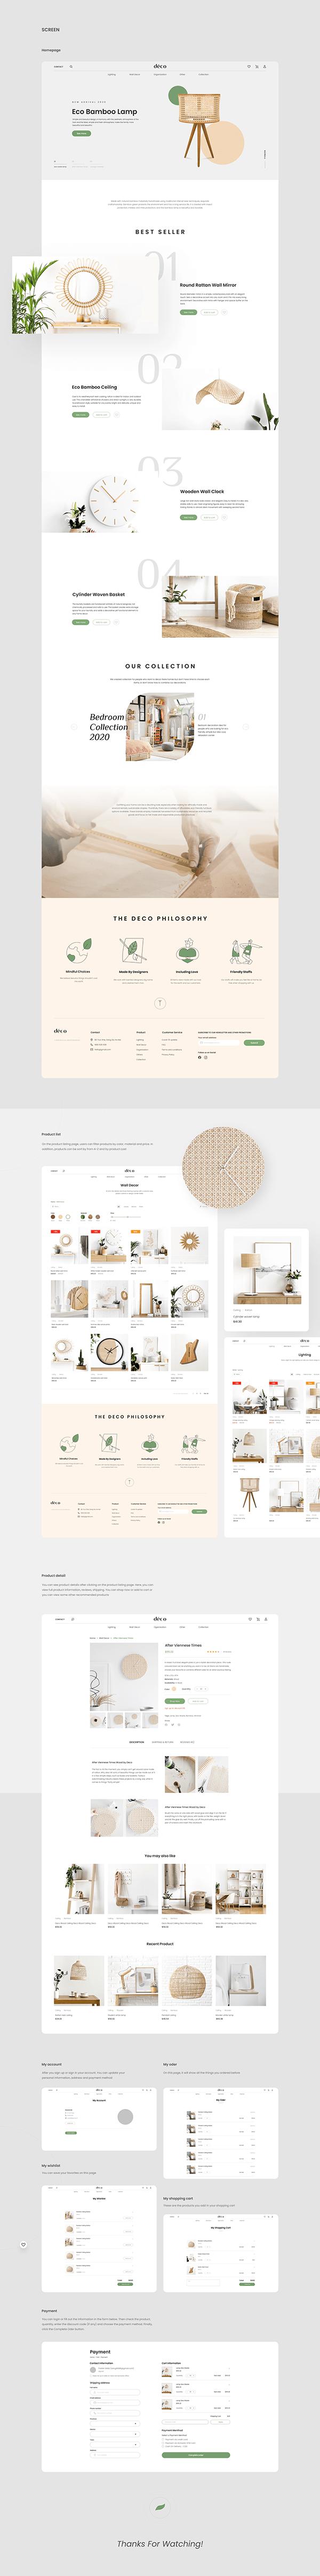 Home Decor Website | Deco